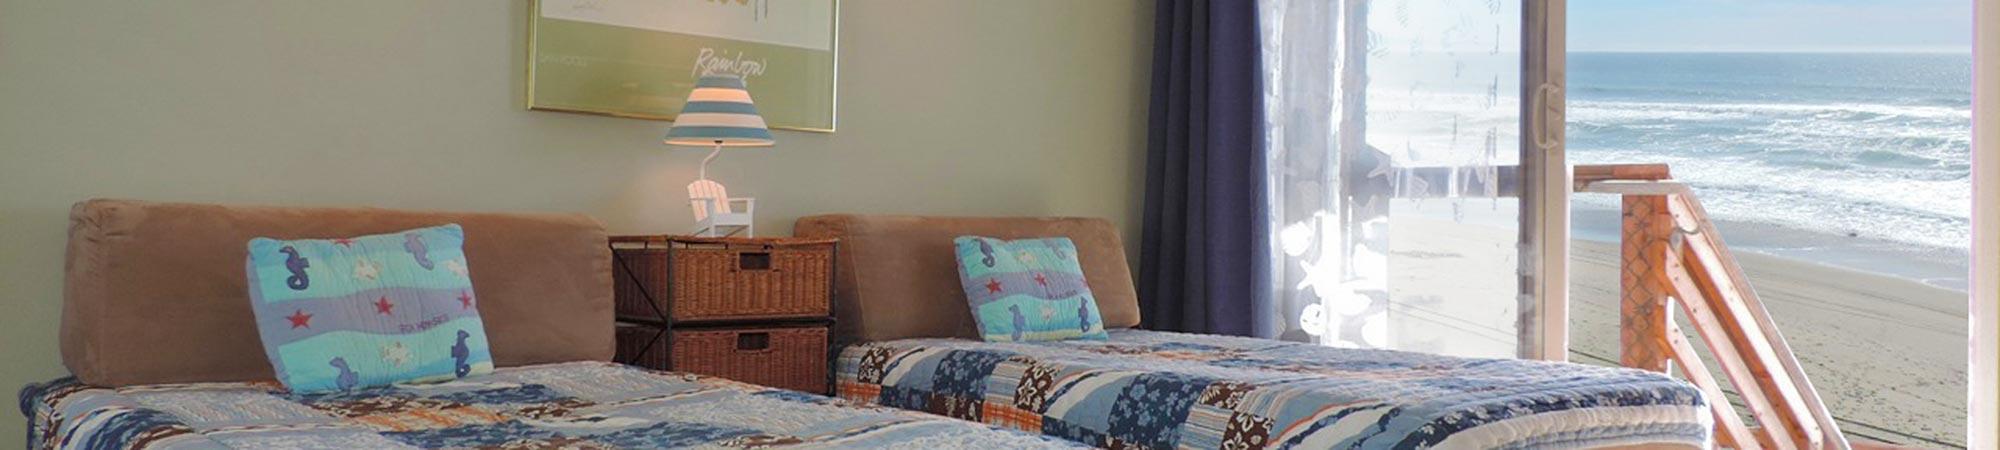 bedroom twin beds -ocean view